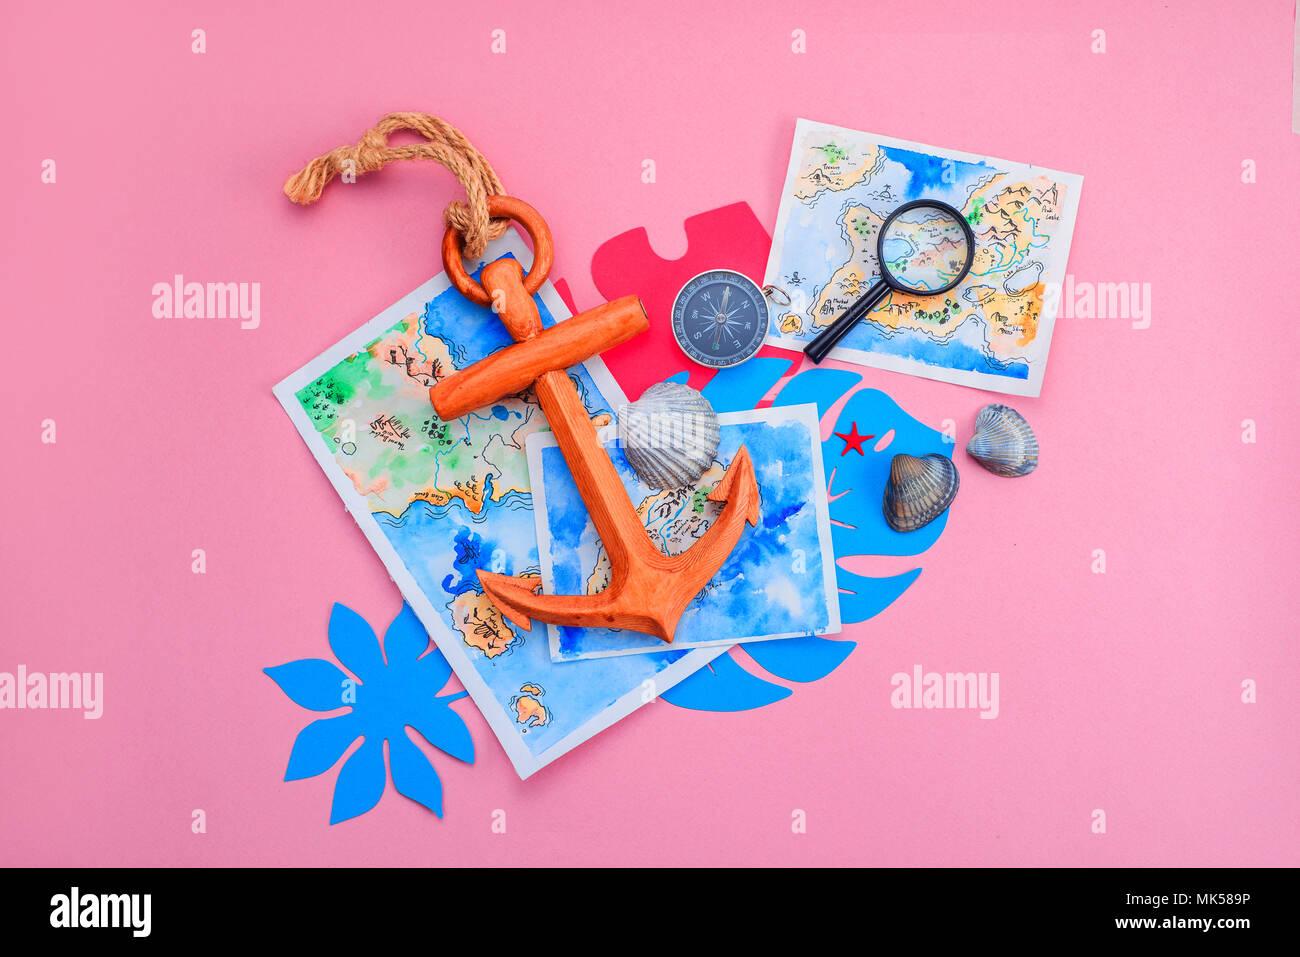 Les feuilles tropicales, ancre de bois, loupe, boussole, cartes à l'aquarelle et les coquillages avec copie espace. Voyages et vacances colorées sur un fond rose vif. Photo Stock